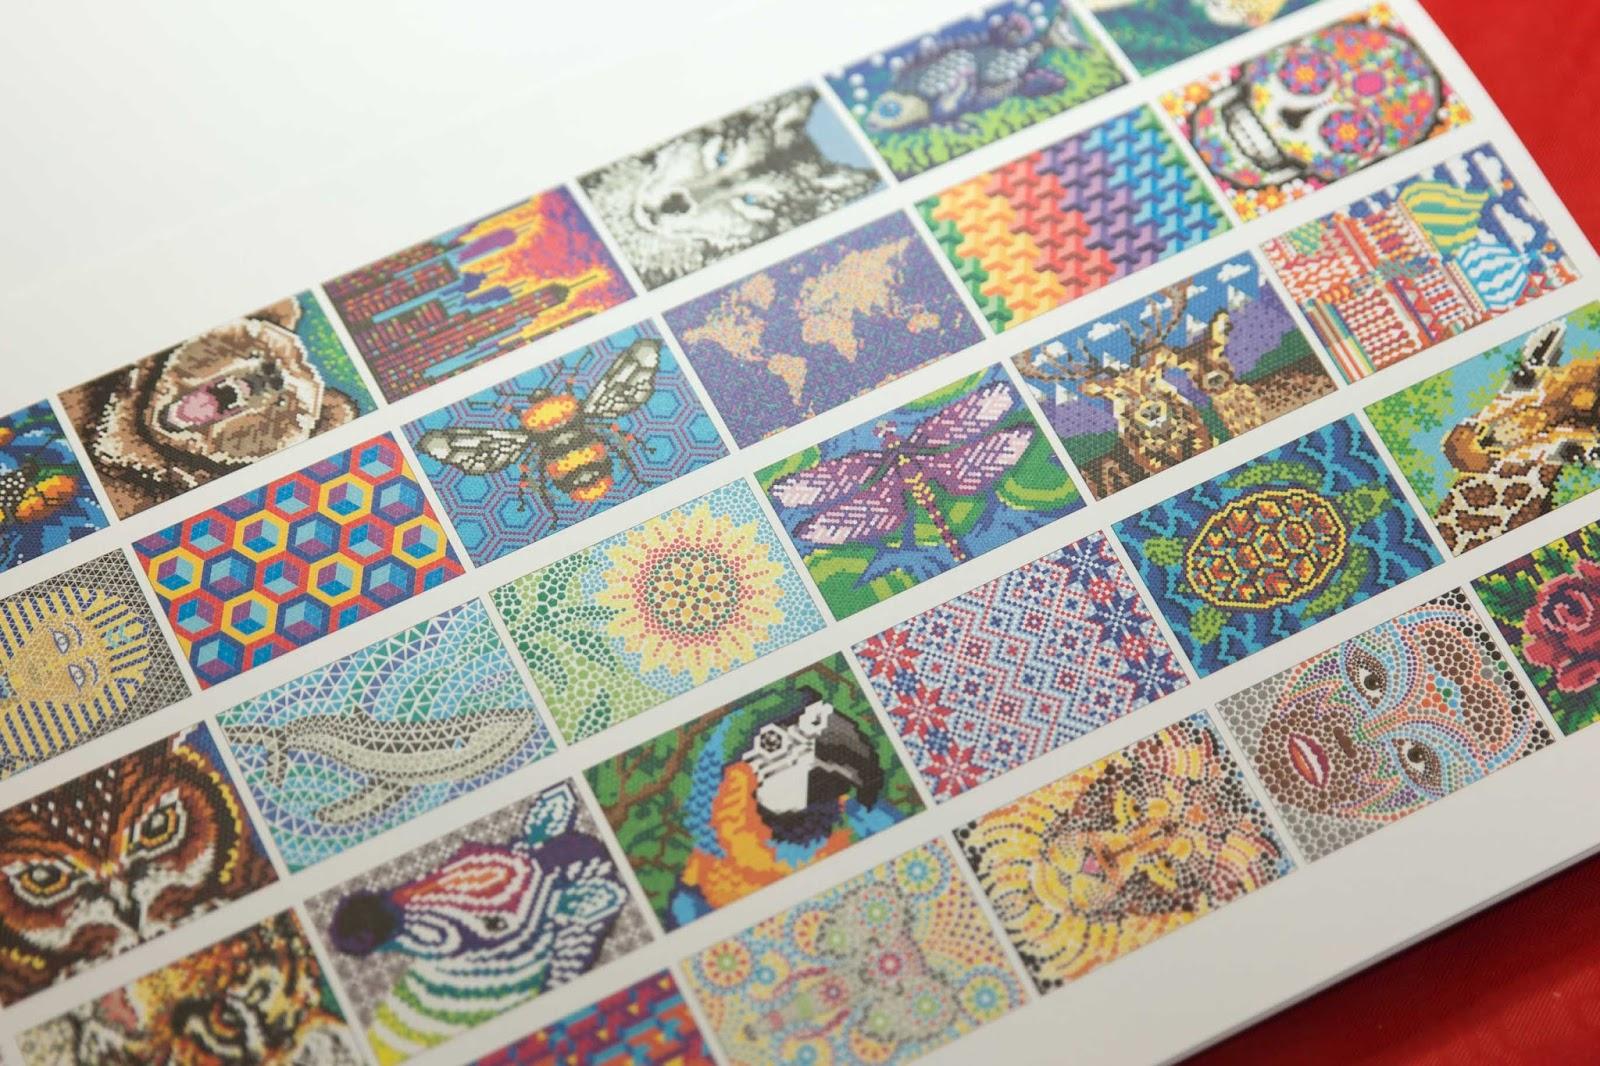 Kleurplaten Volwassenen Ingekleurd.Mijn Bevindingen Met Kleuren Op Nummer Extreme Kleurpuzzels Voor